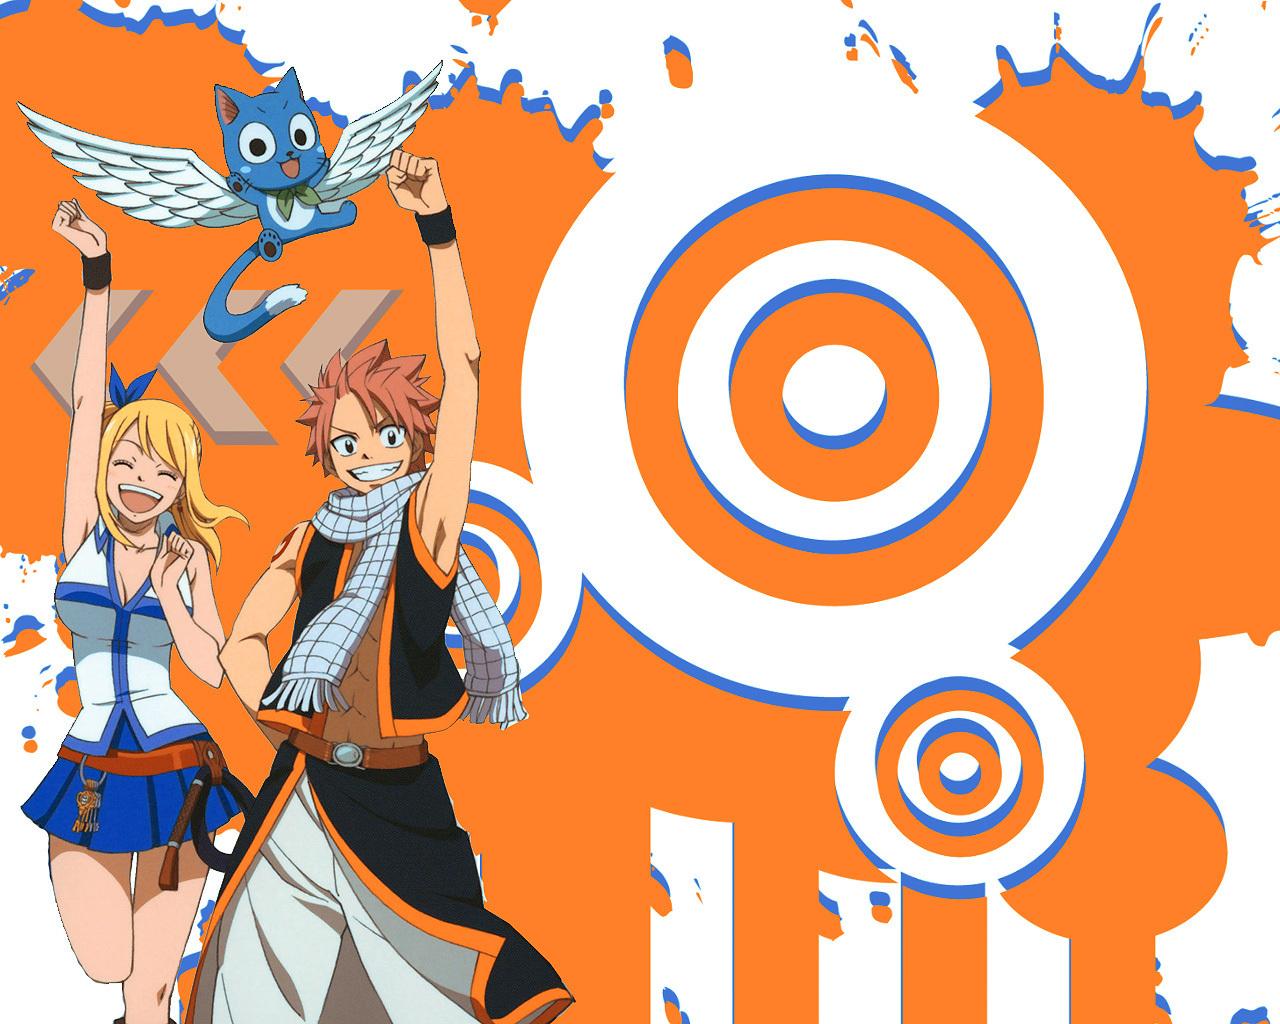 http://4.bp.blogspot.com/-prqUXDBnnaM/TnMqhZNkfKI/AAAAAAAAAdE/BaTlarlMZUk/s1600/Fairy-Tail-fairy-tail.jpg